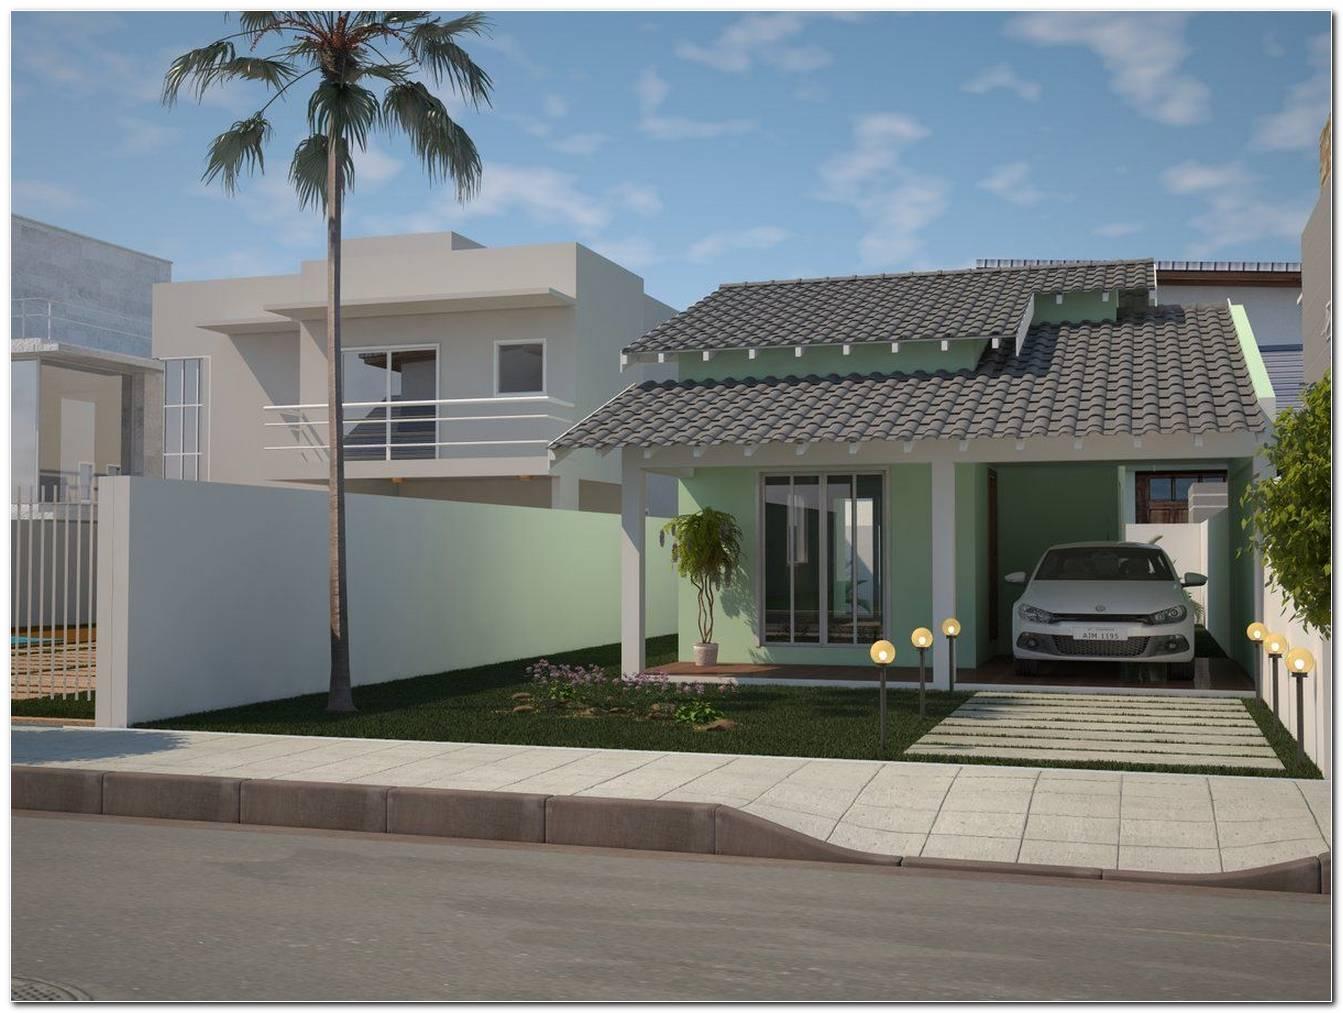 Projetos De Casas Modernas E Pequenas